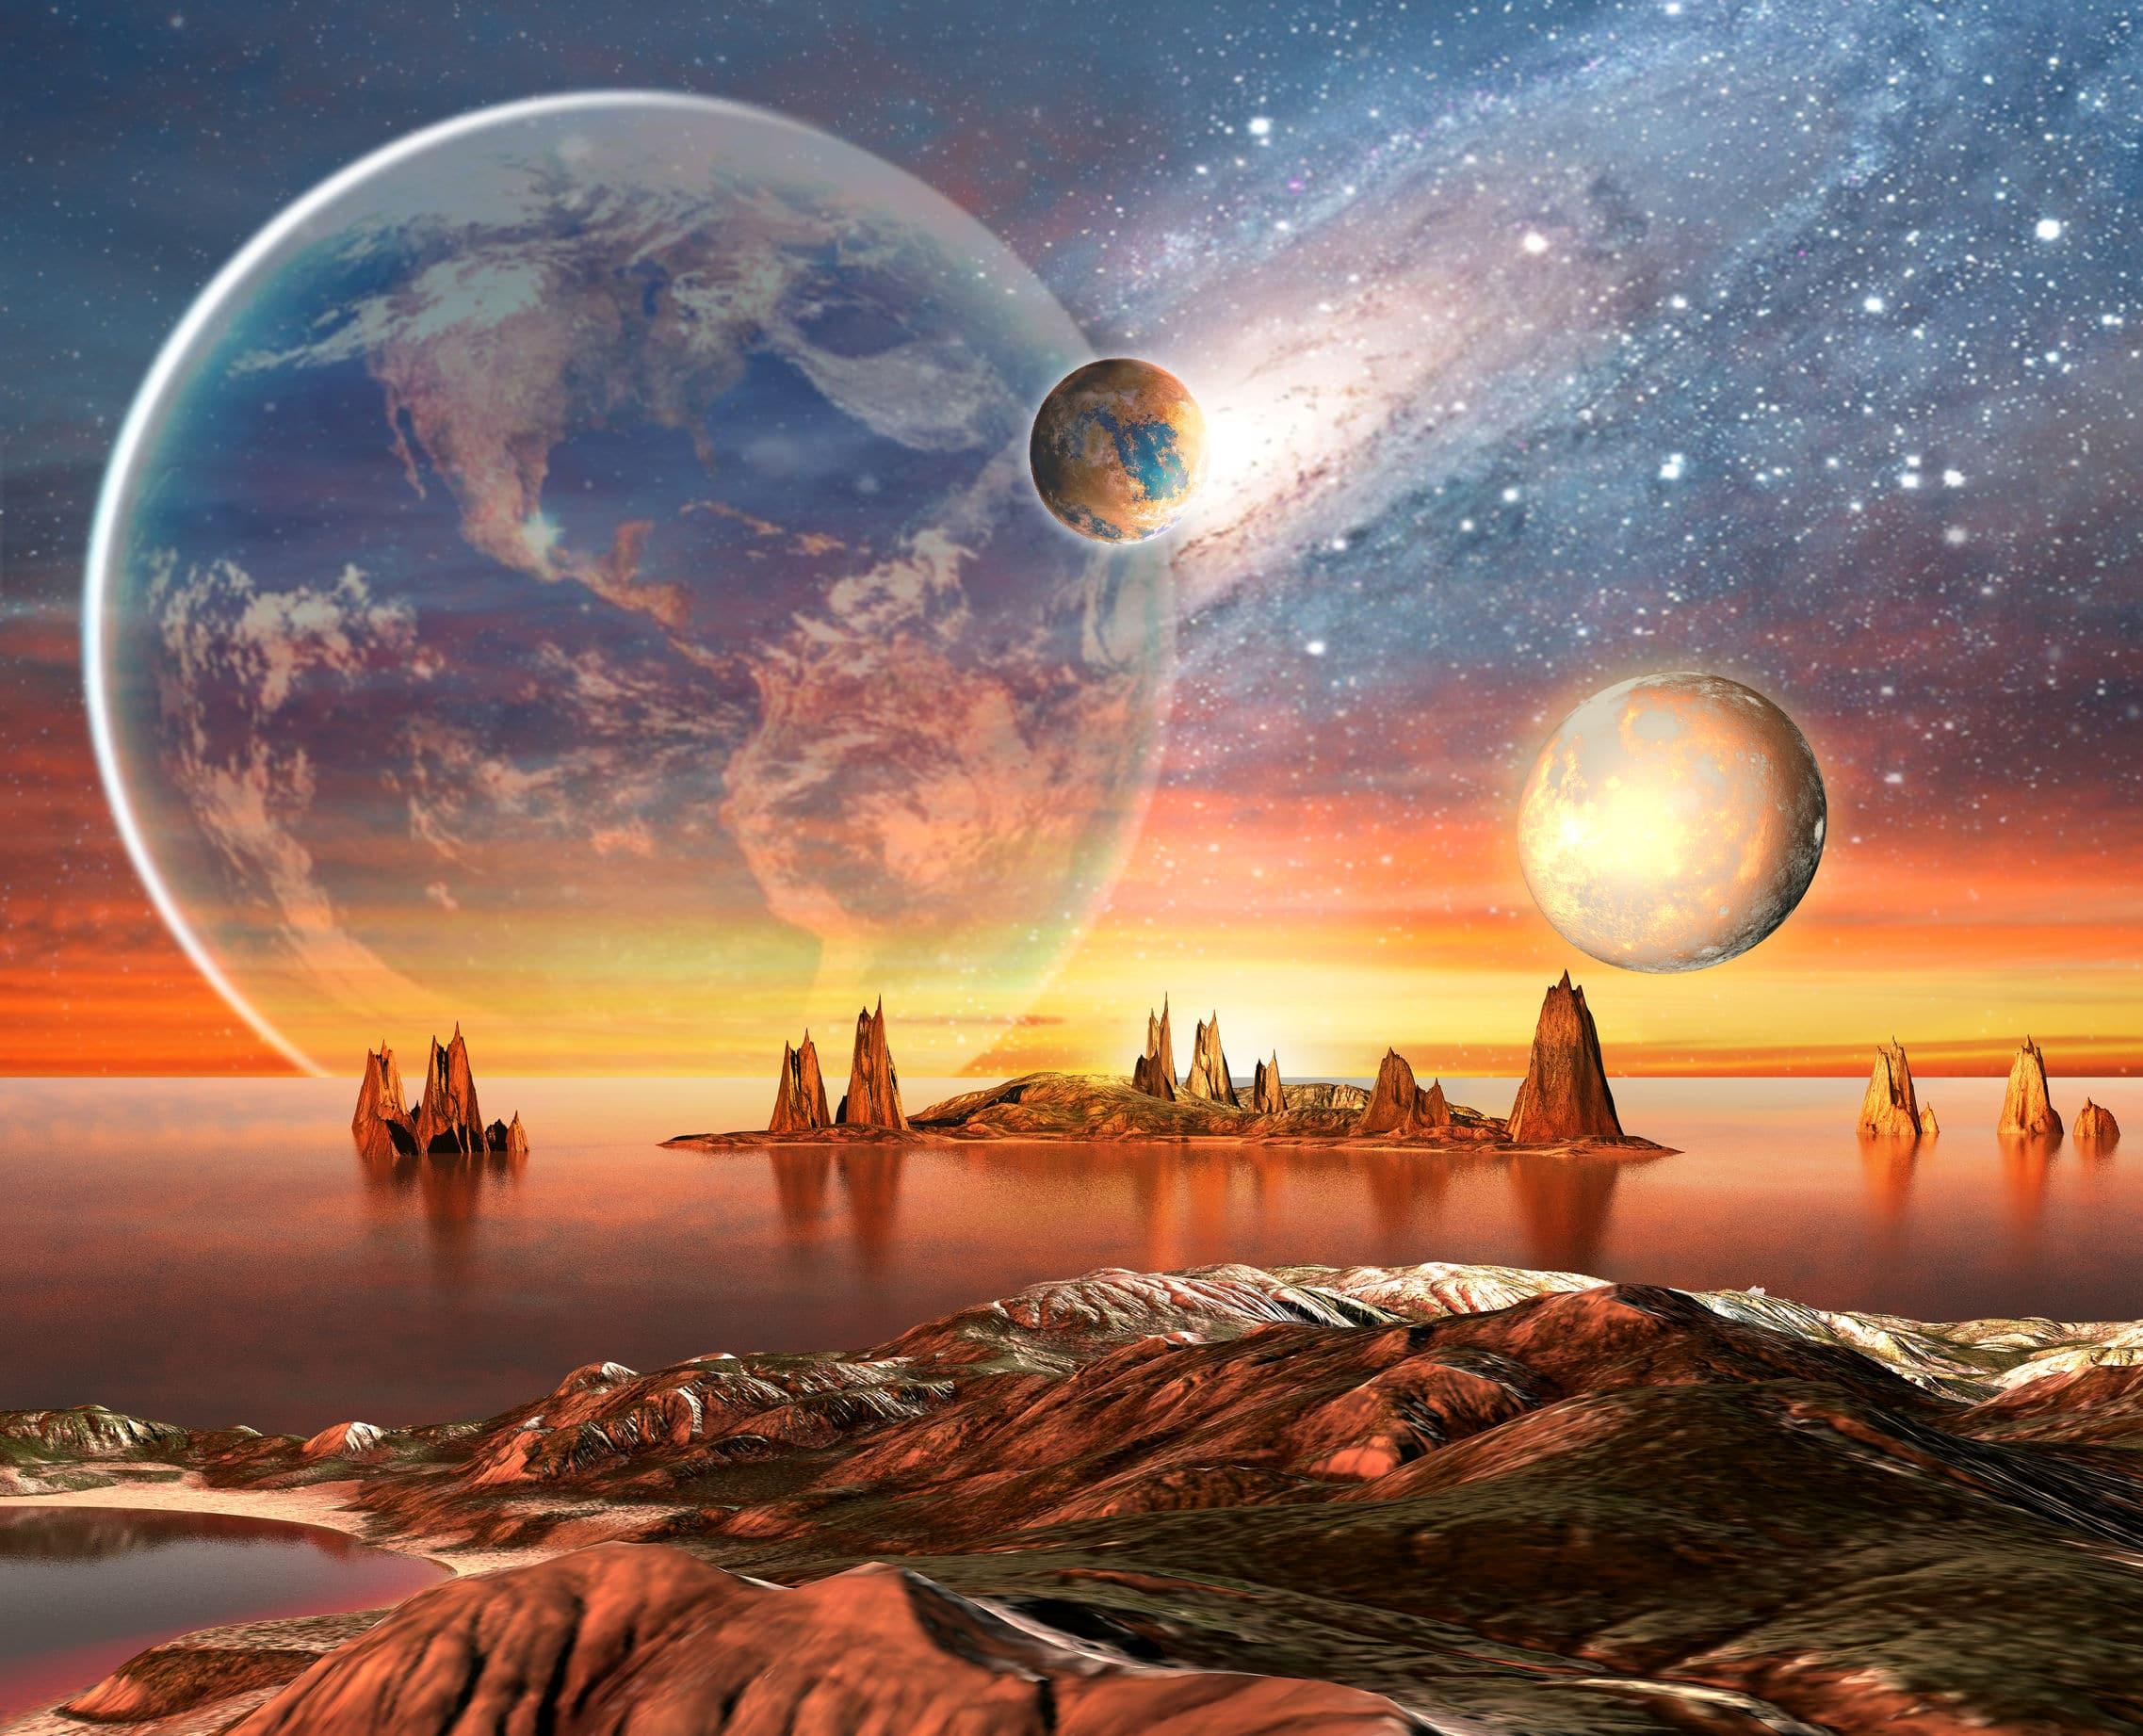 A imagem é a representação de um planeta alienígena. No céu há um planeta grande e outros dois planetas menores.